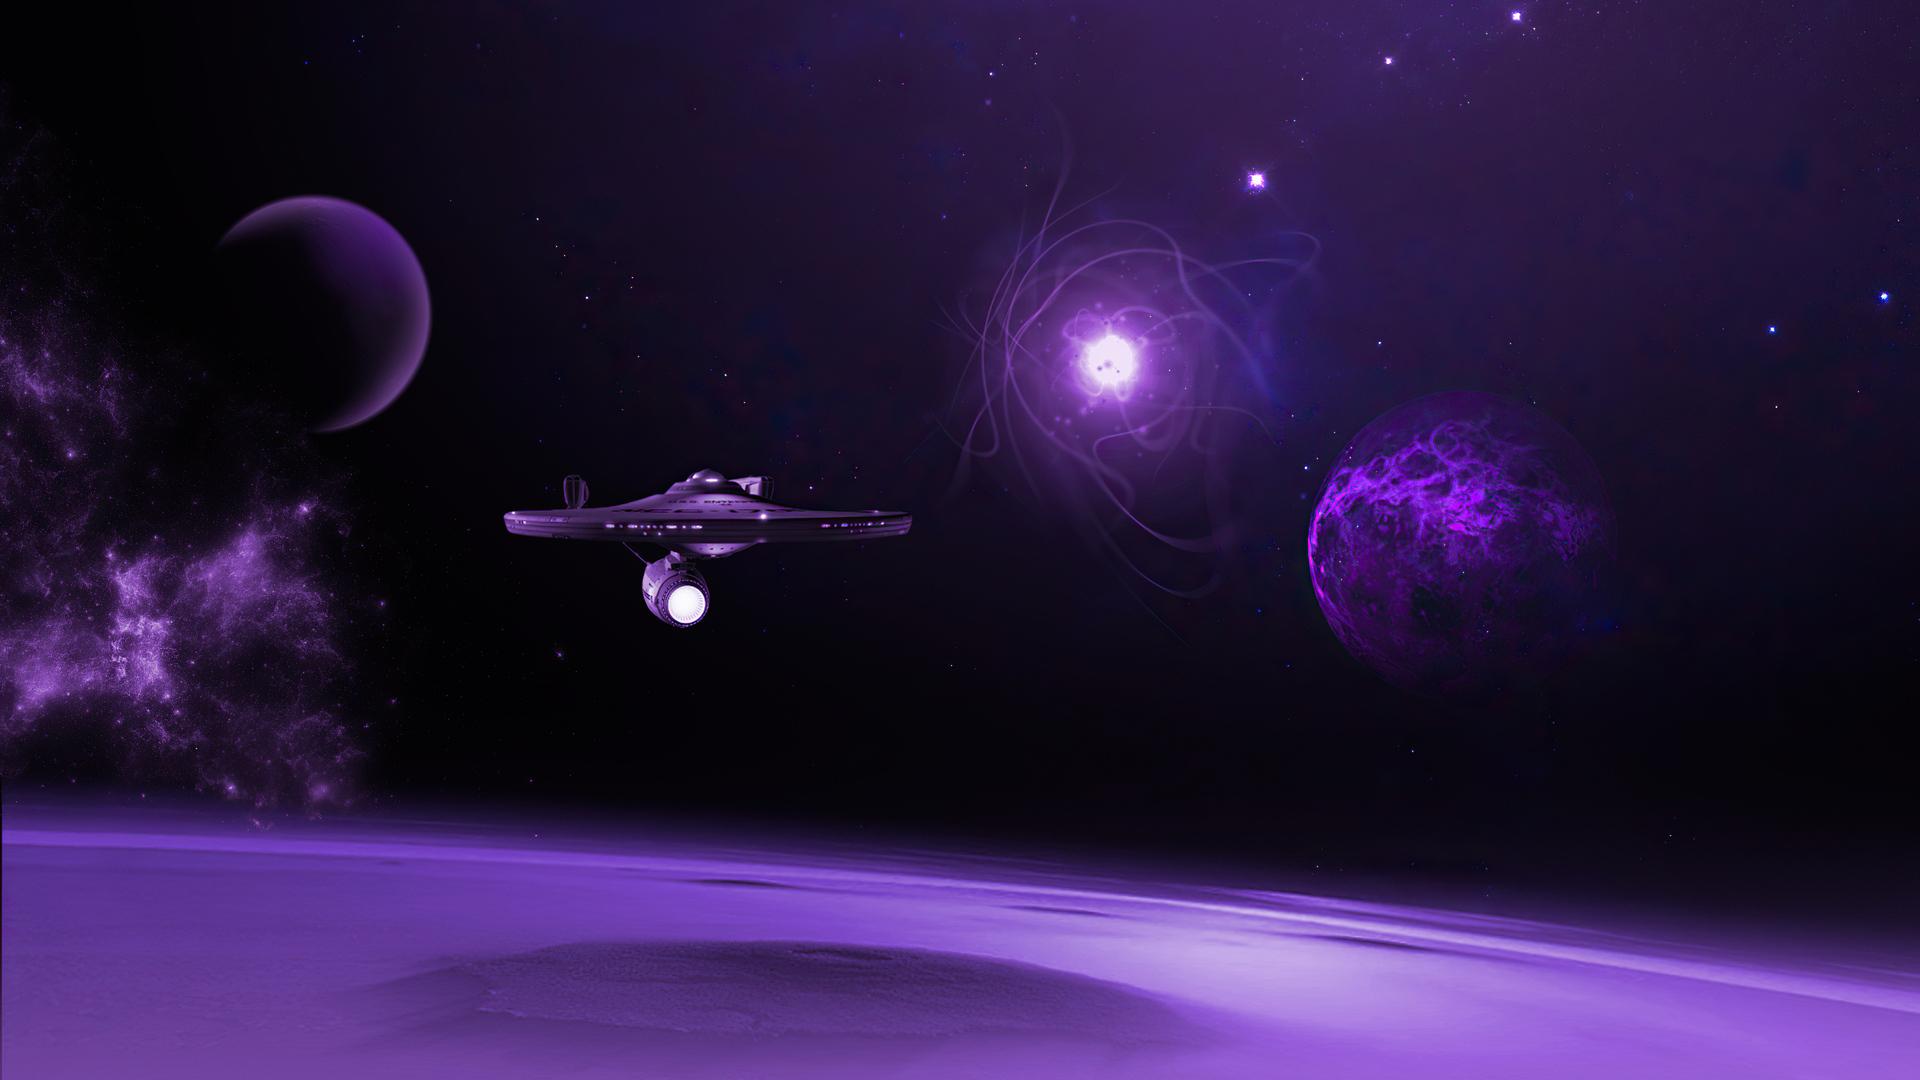 star-trek-explorers-of-the-unknown-4k-c9.jpg